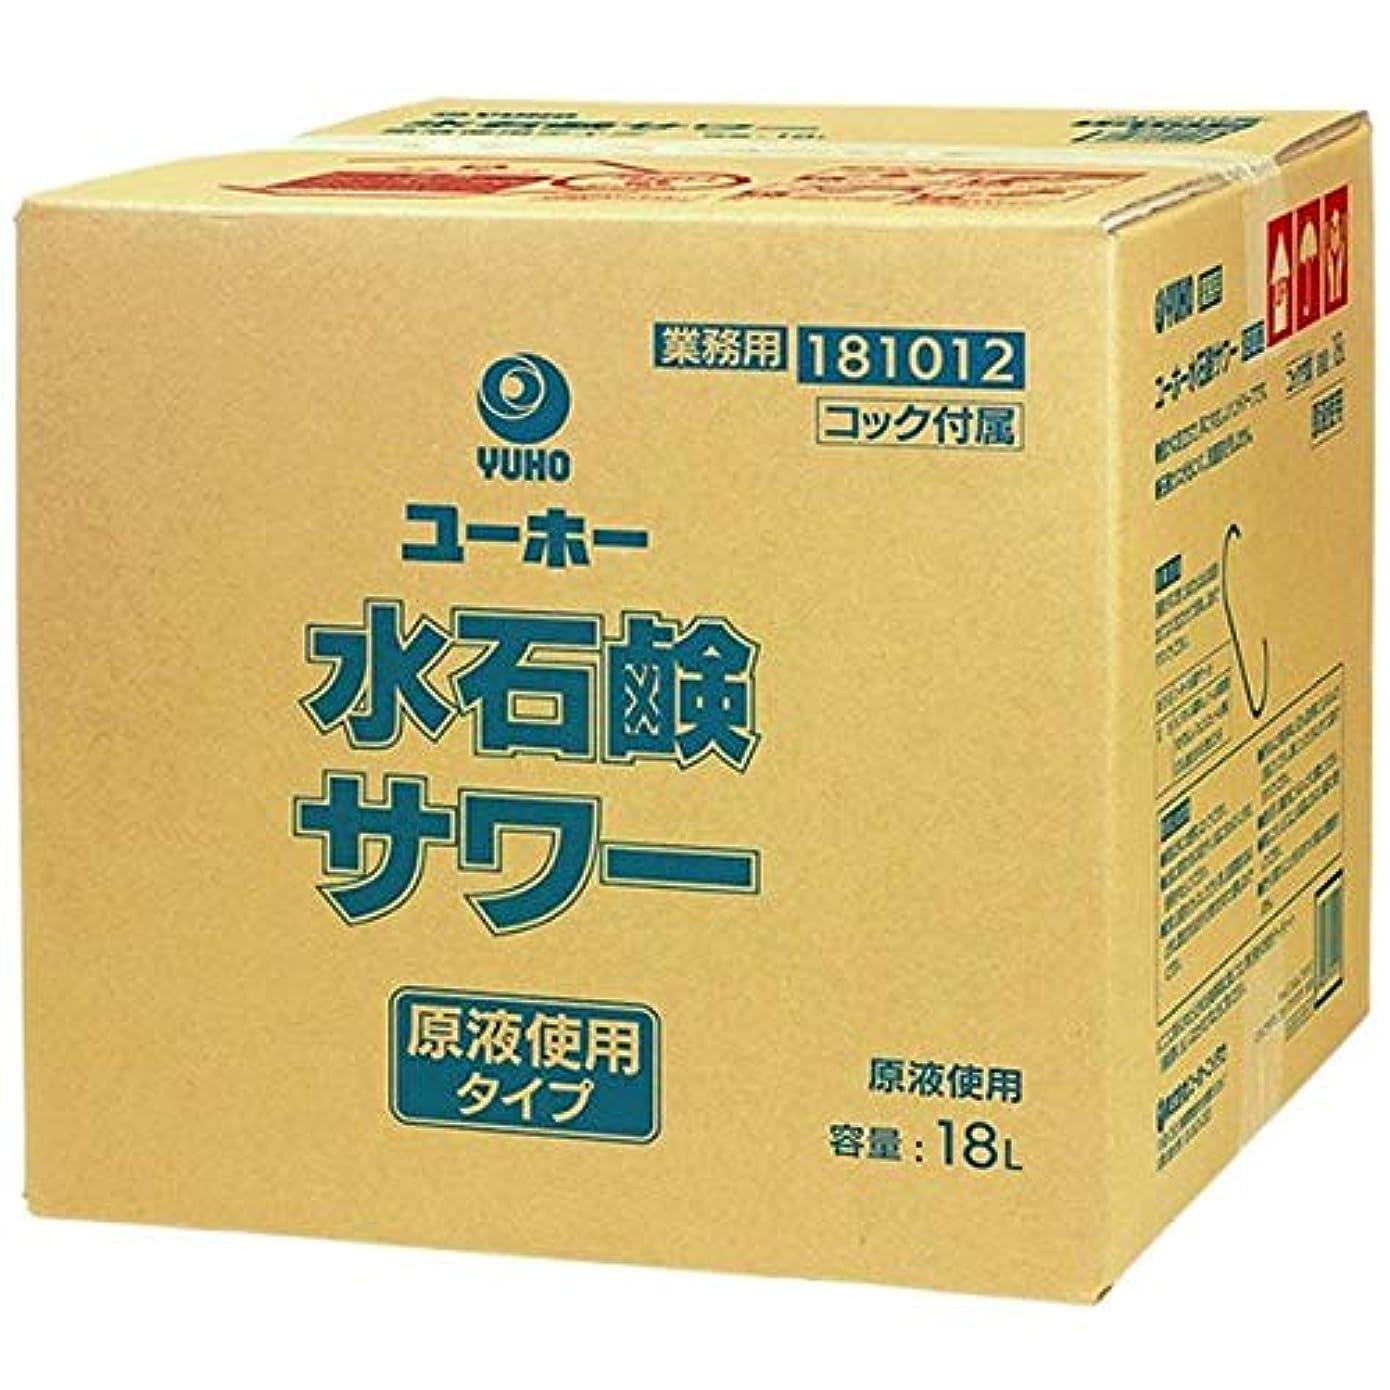 運命的な滅びる機械的に業務用 ハンドソープ 水石鹸サワー 原液タイプ 18L 181011 (希釈しないで使用できる原液タイプのハンドソープ)